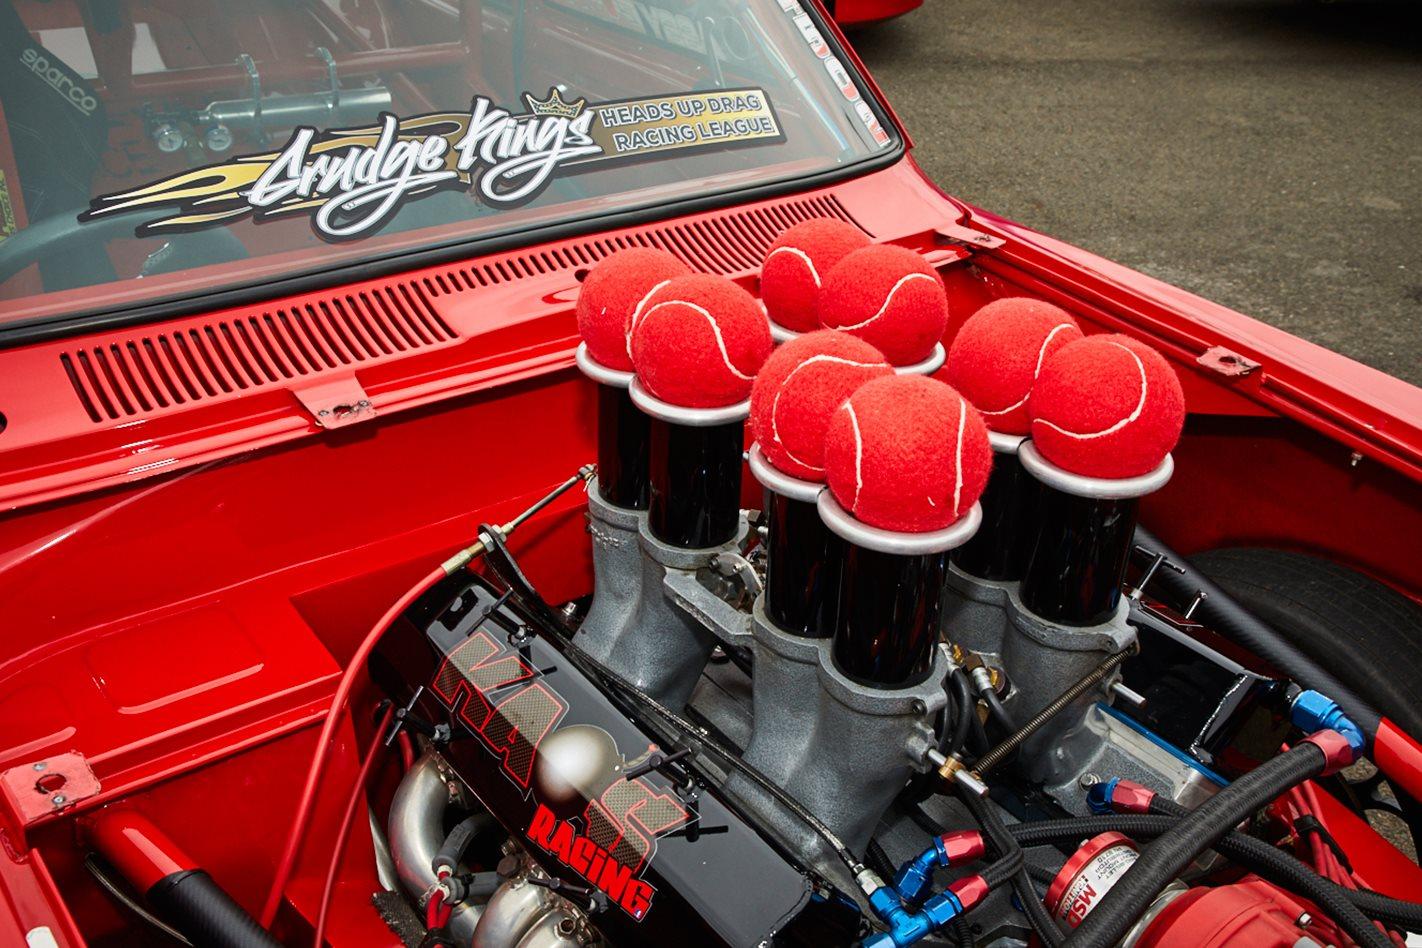 Holden LJ Torana drag car engine